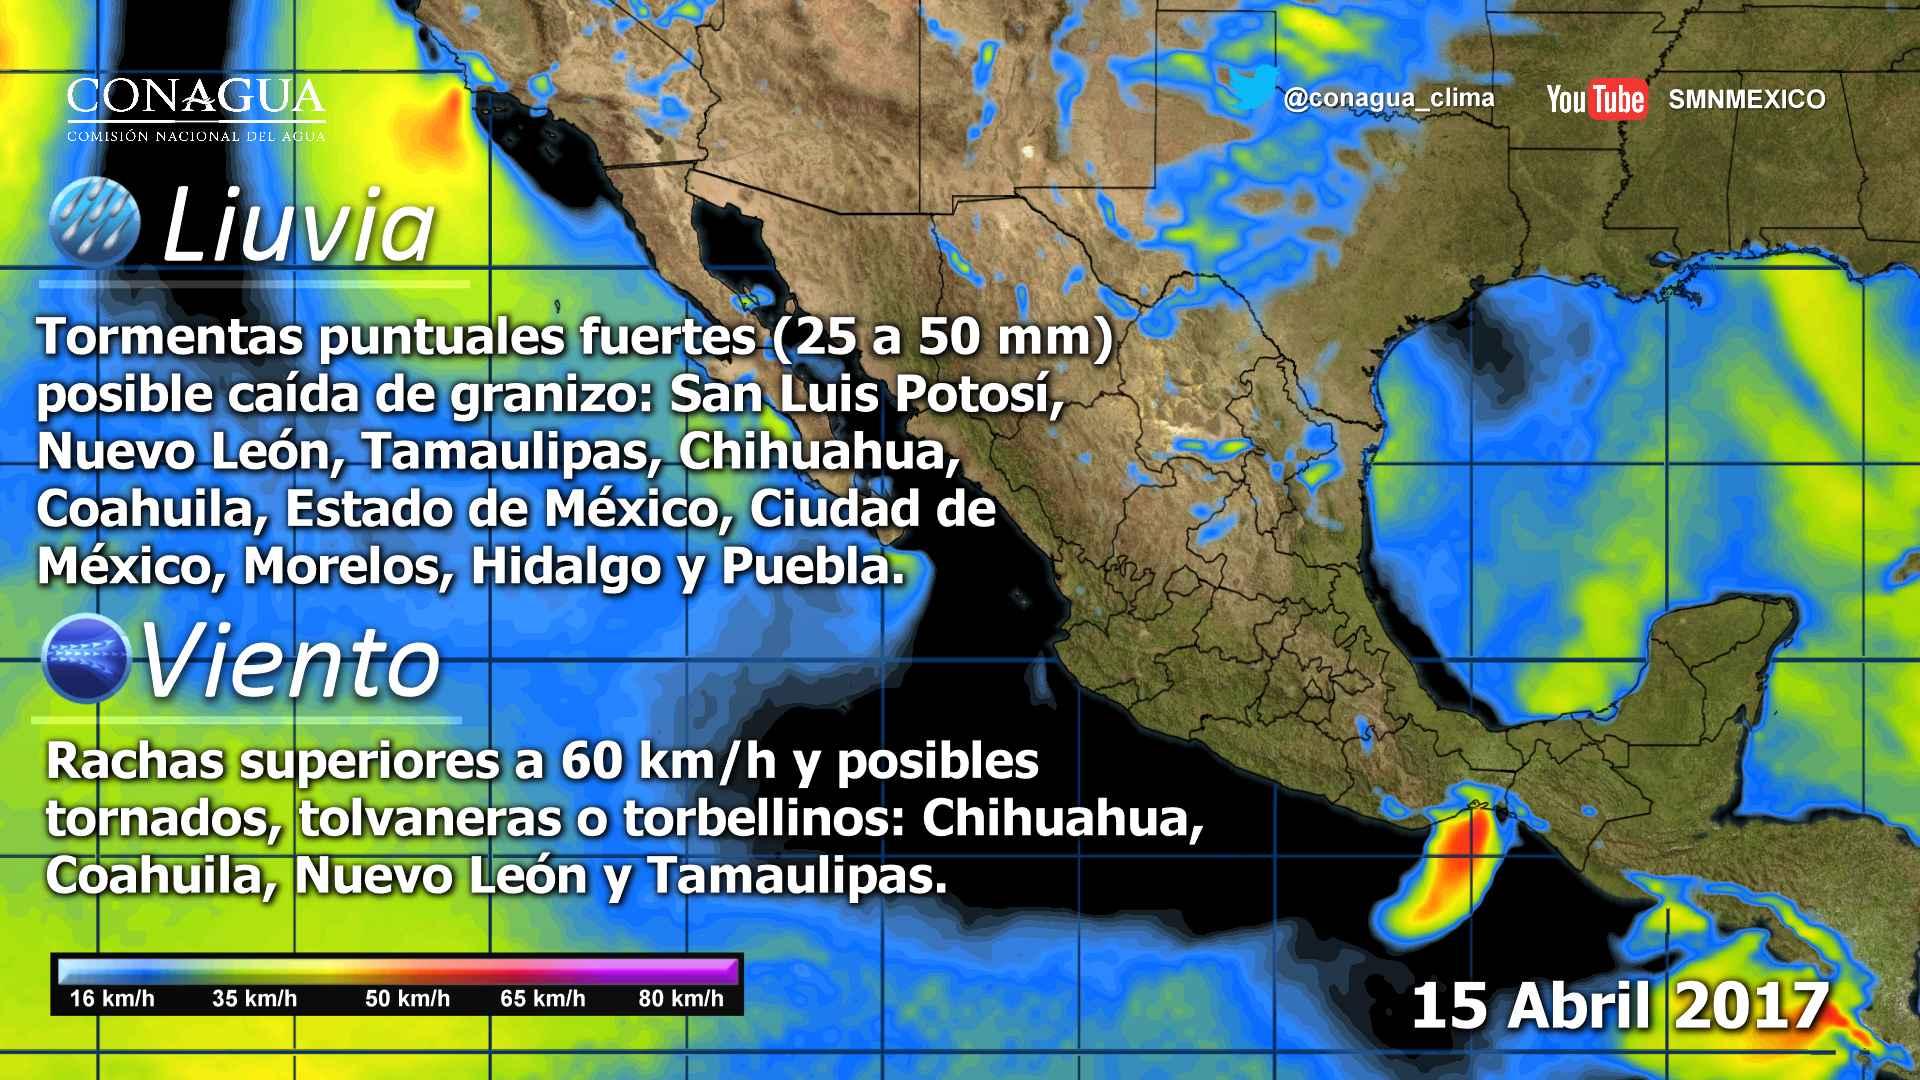 Pacífico Centro: Cielo parcialmente nublado. Lloviznas en Michoacán. Bancos de niebla matutina. Ambiente muy caluroso. Viento del oeste y noroeste de 15 a 30 km/h